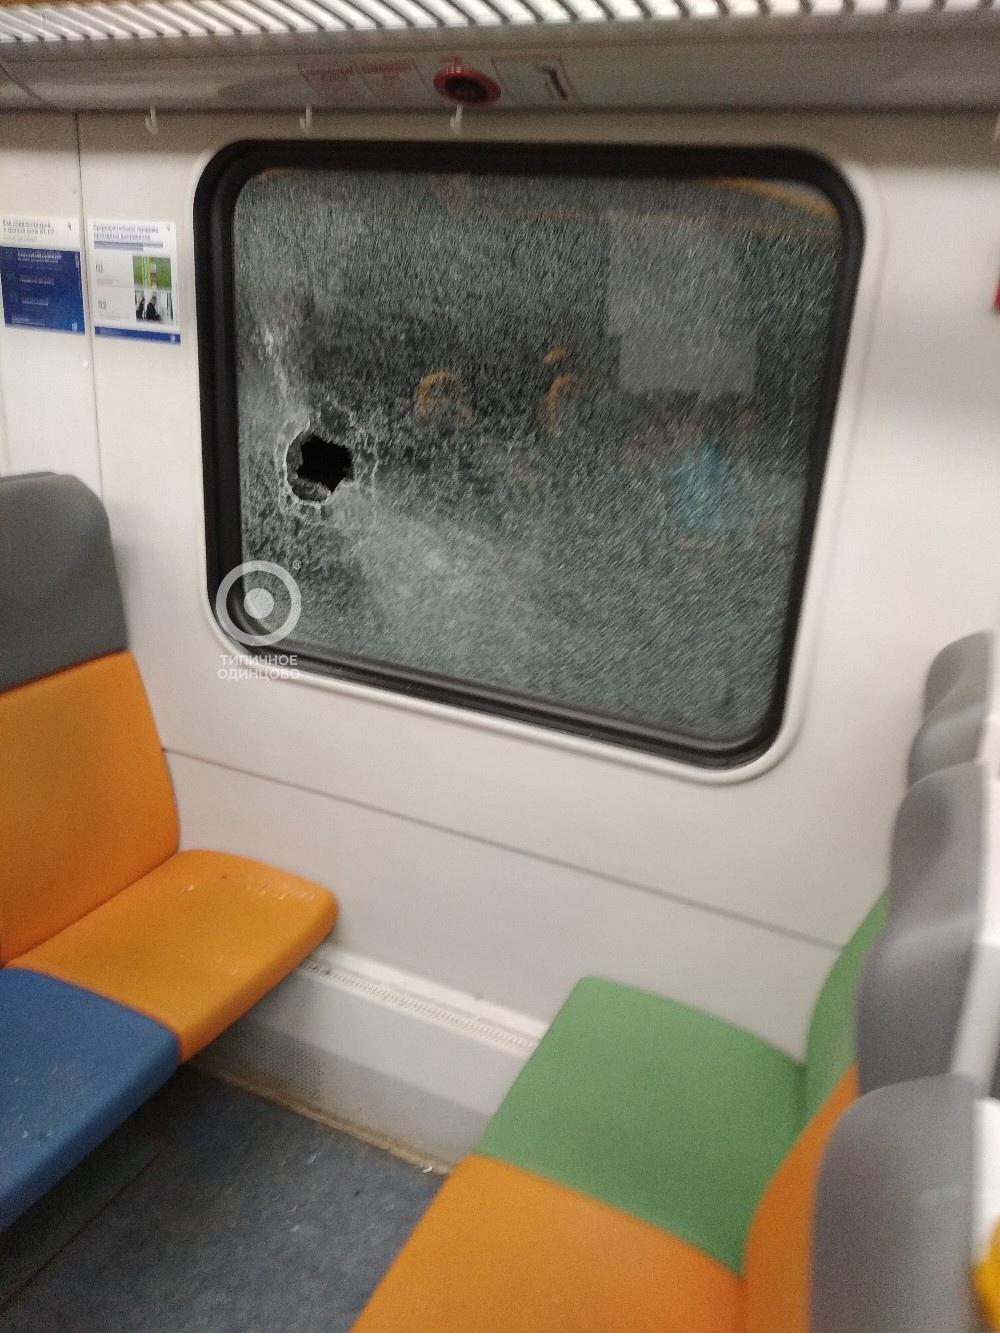 Какие-то умалишенные люди кинули камень в окно